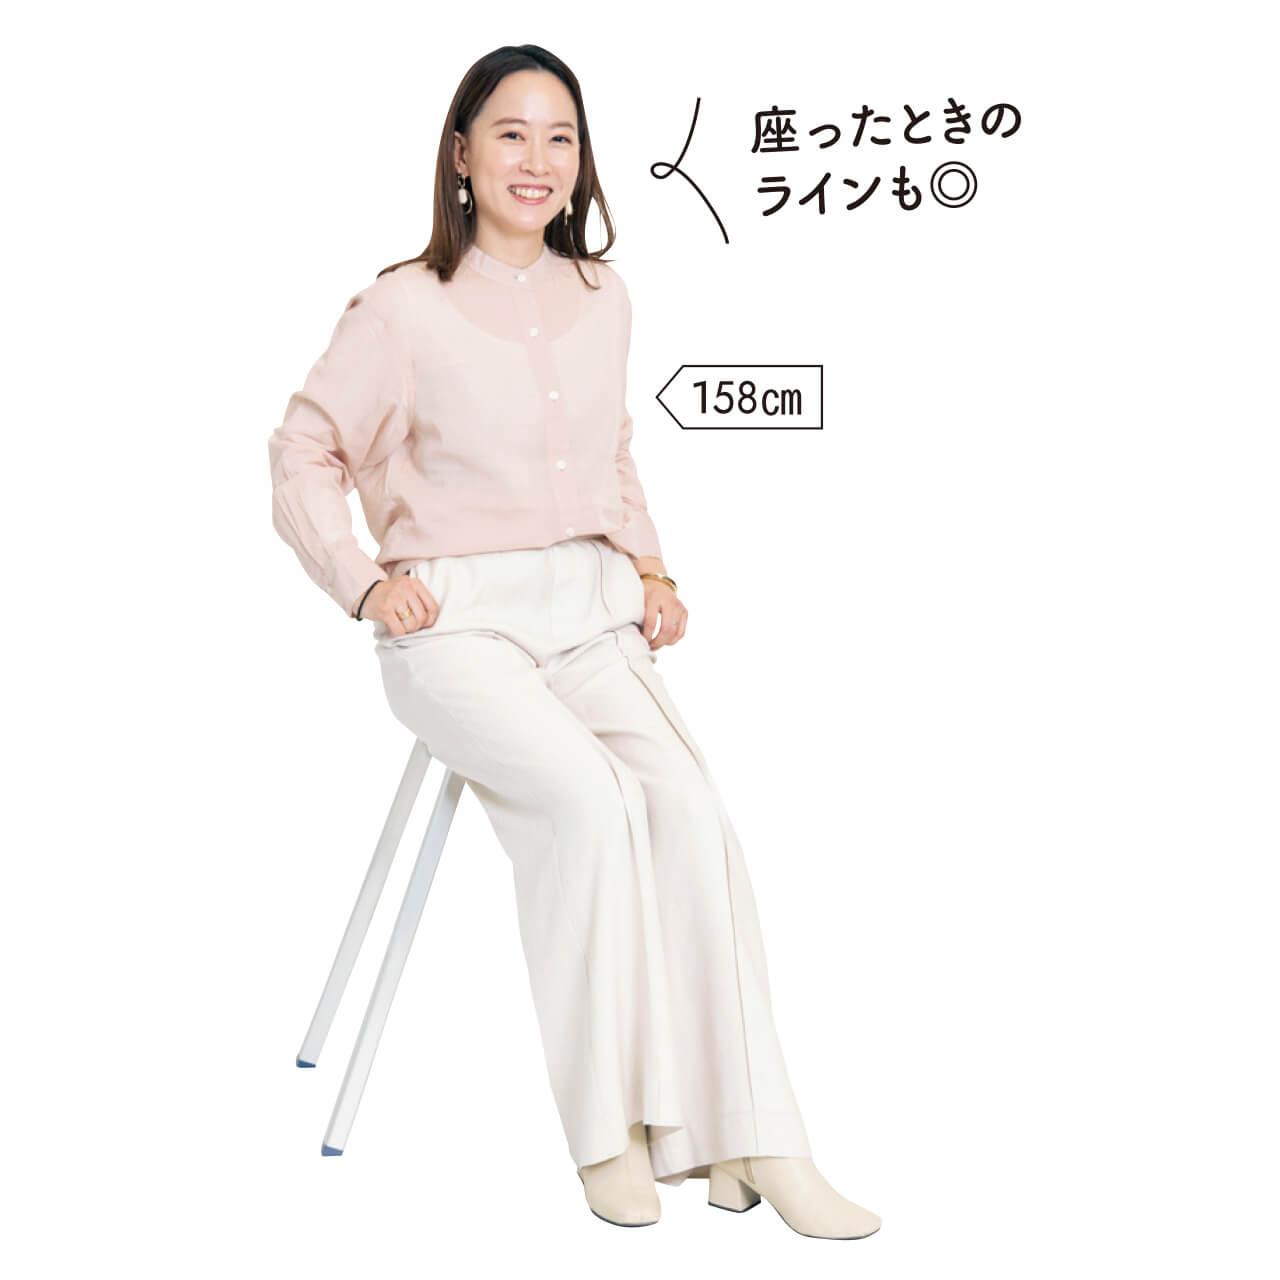 158cm LEEキャラクター高井さん「座ったときのラインも◎」